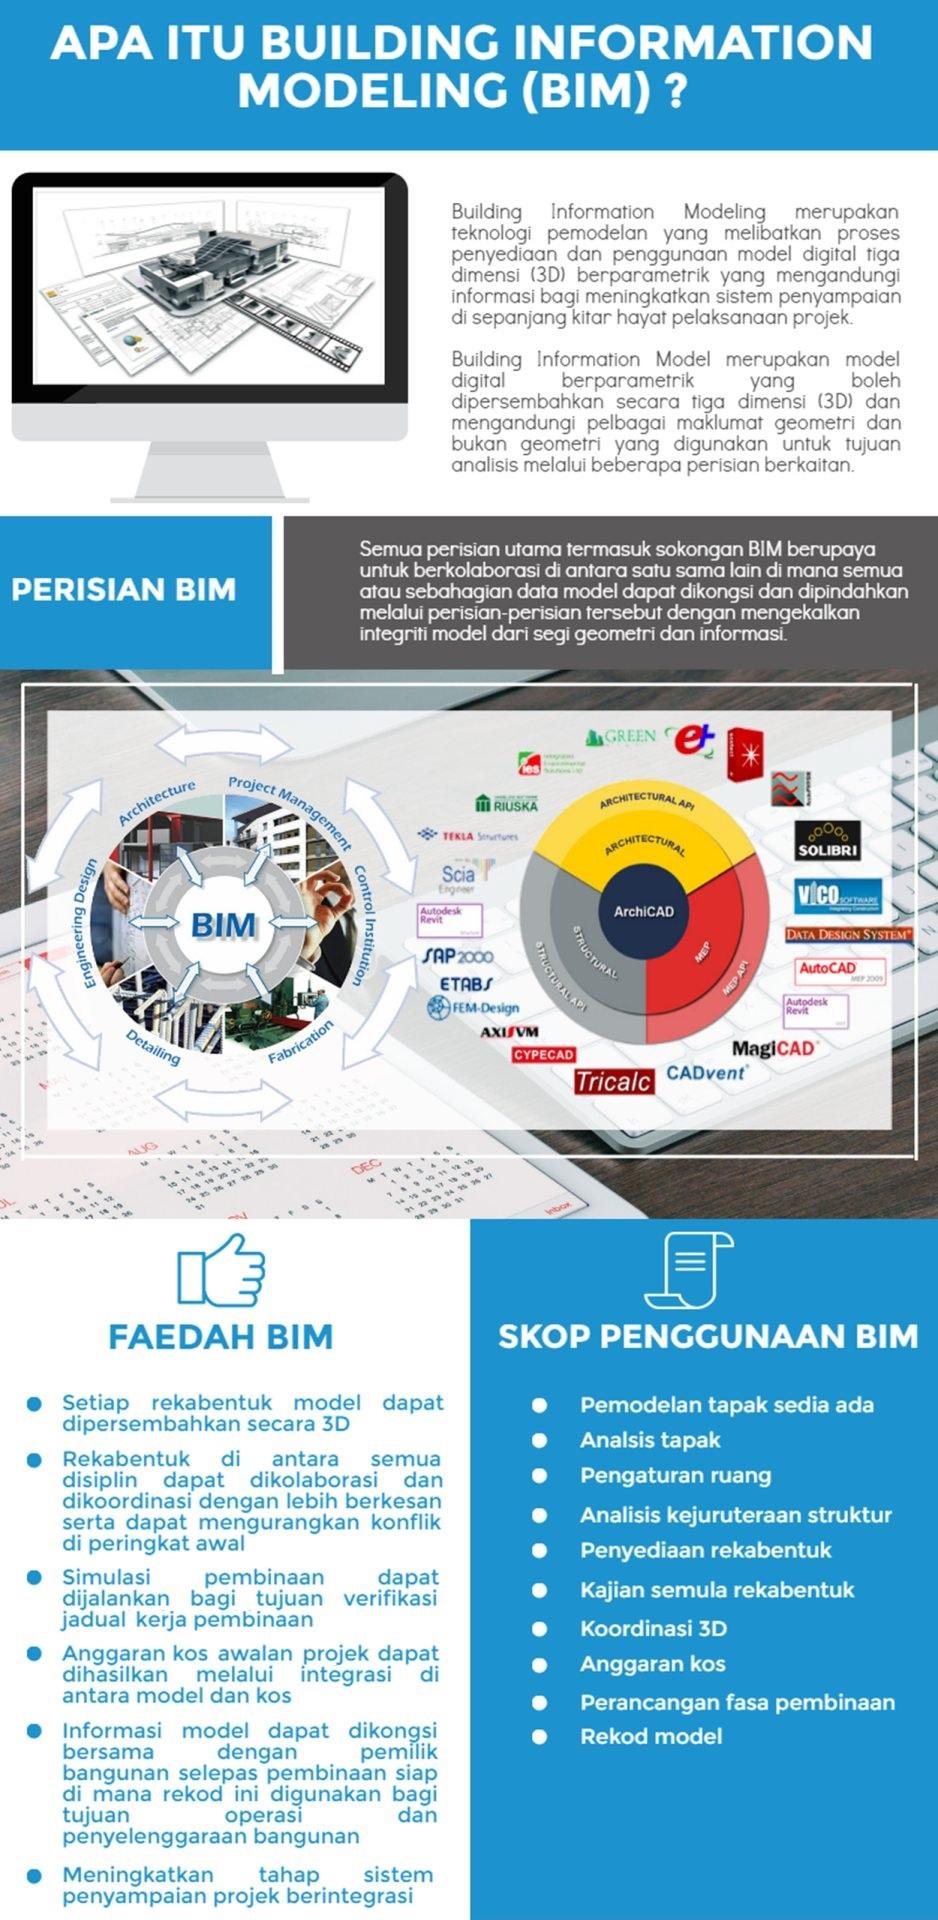 Maksud Building Information Modeling (BIM)